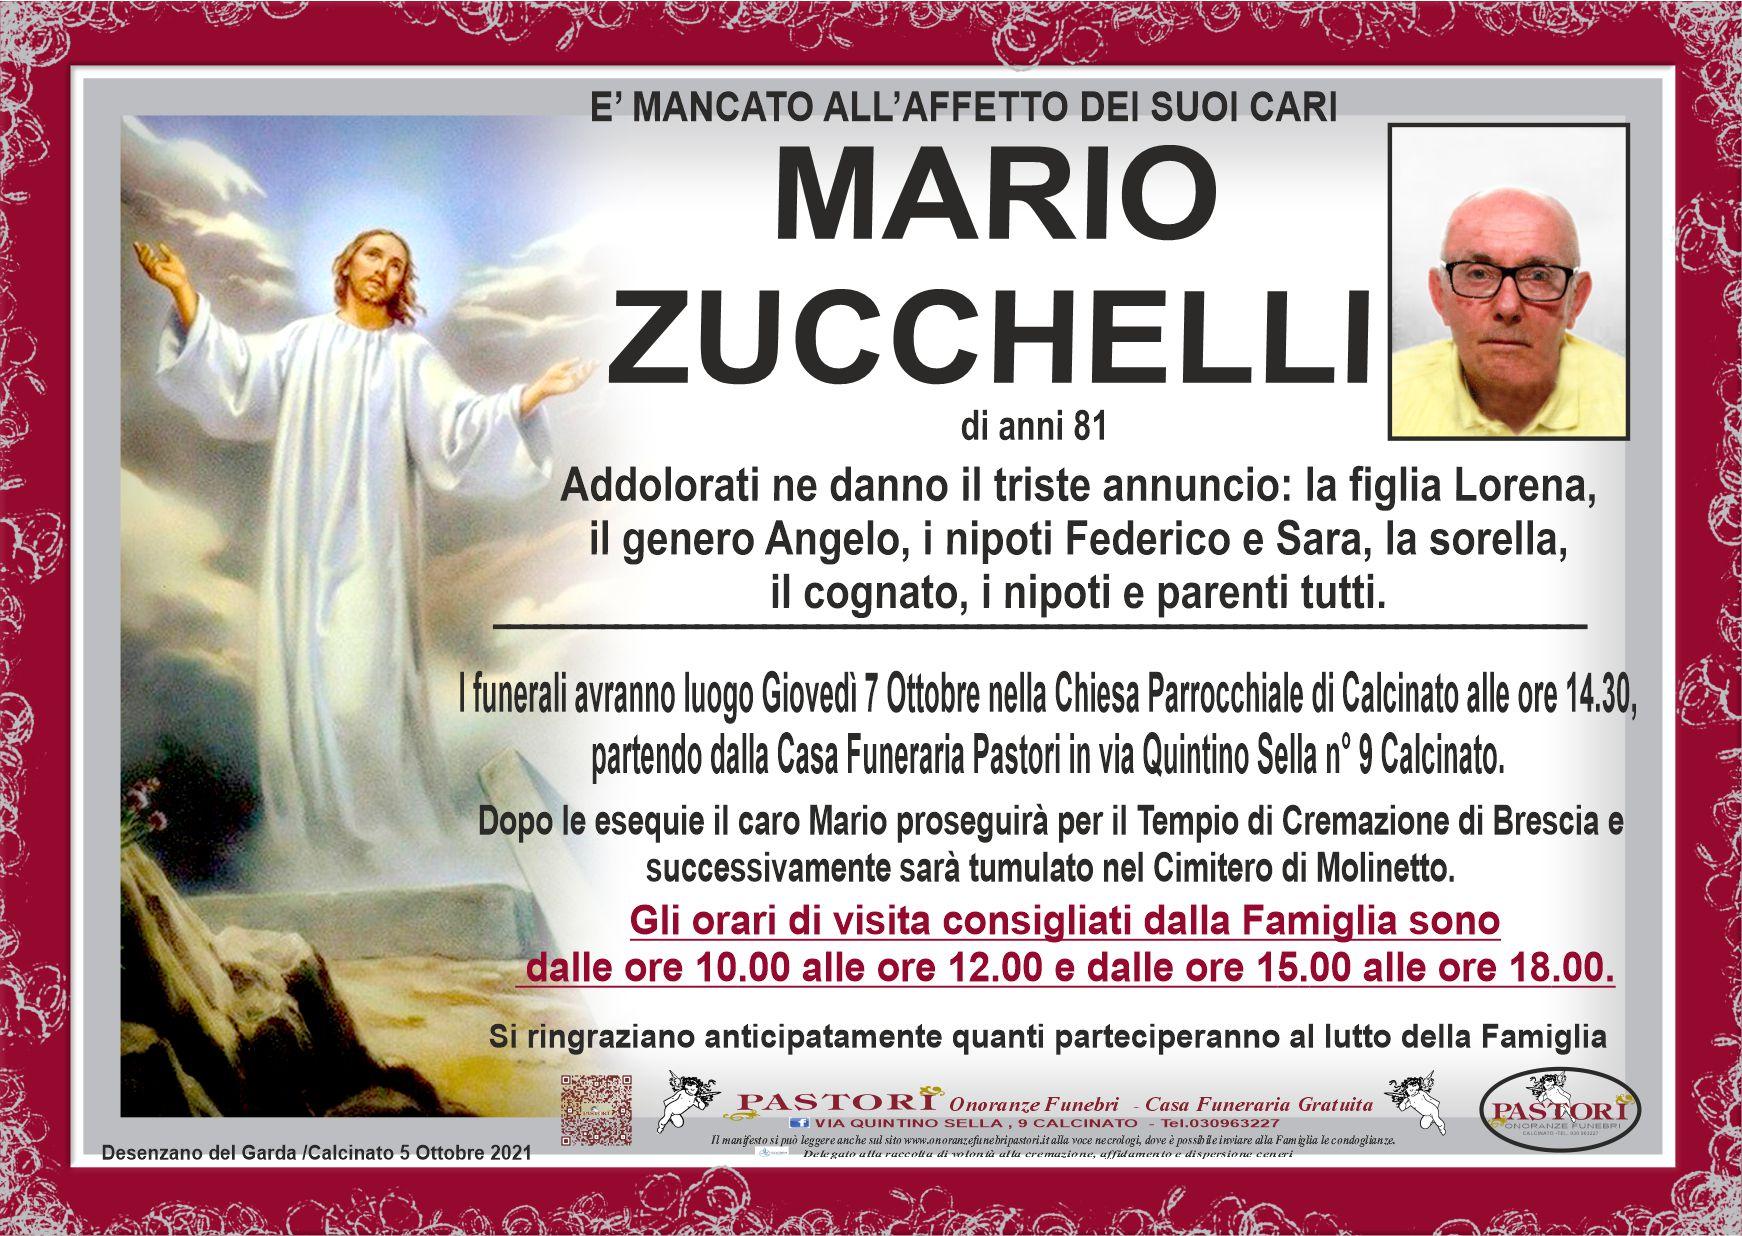 Mario Zucchelli